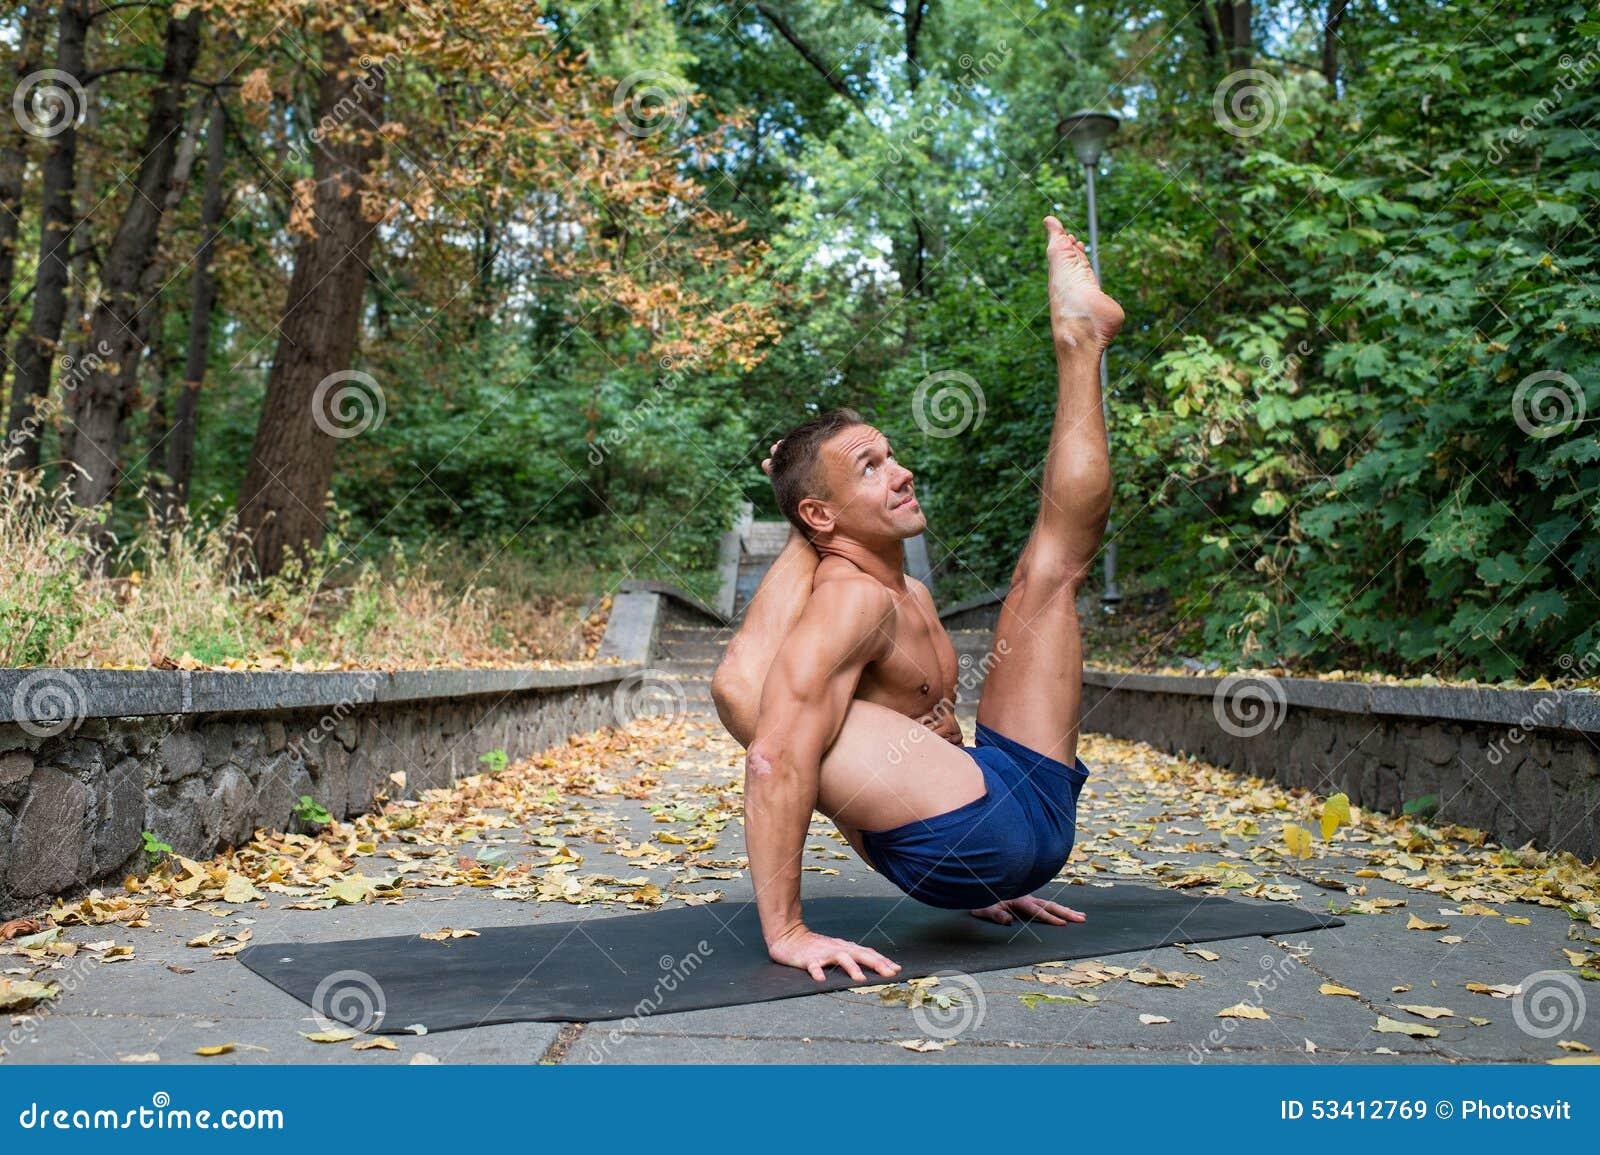 handsome flexible